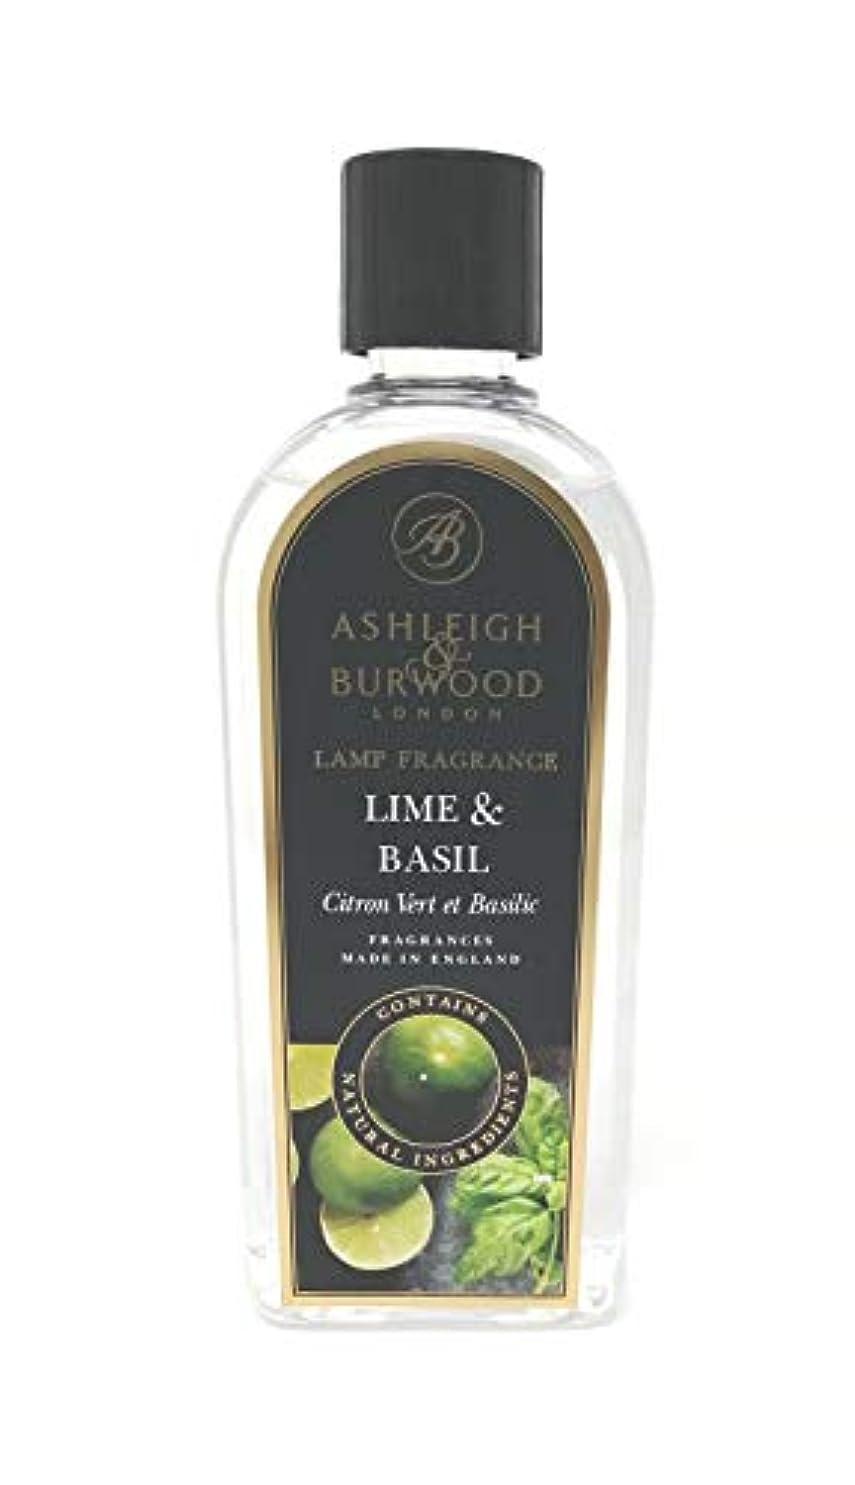 適応的歴史調査Ashleigh&Burwood ランプフレグランス ライム&バジル Lamp Fragrances Lime&Basil アシュレイ&バーウッド